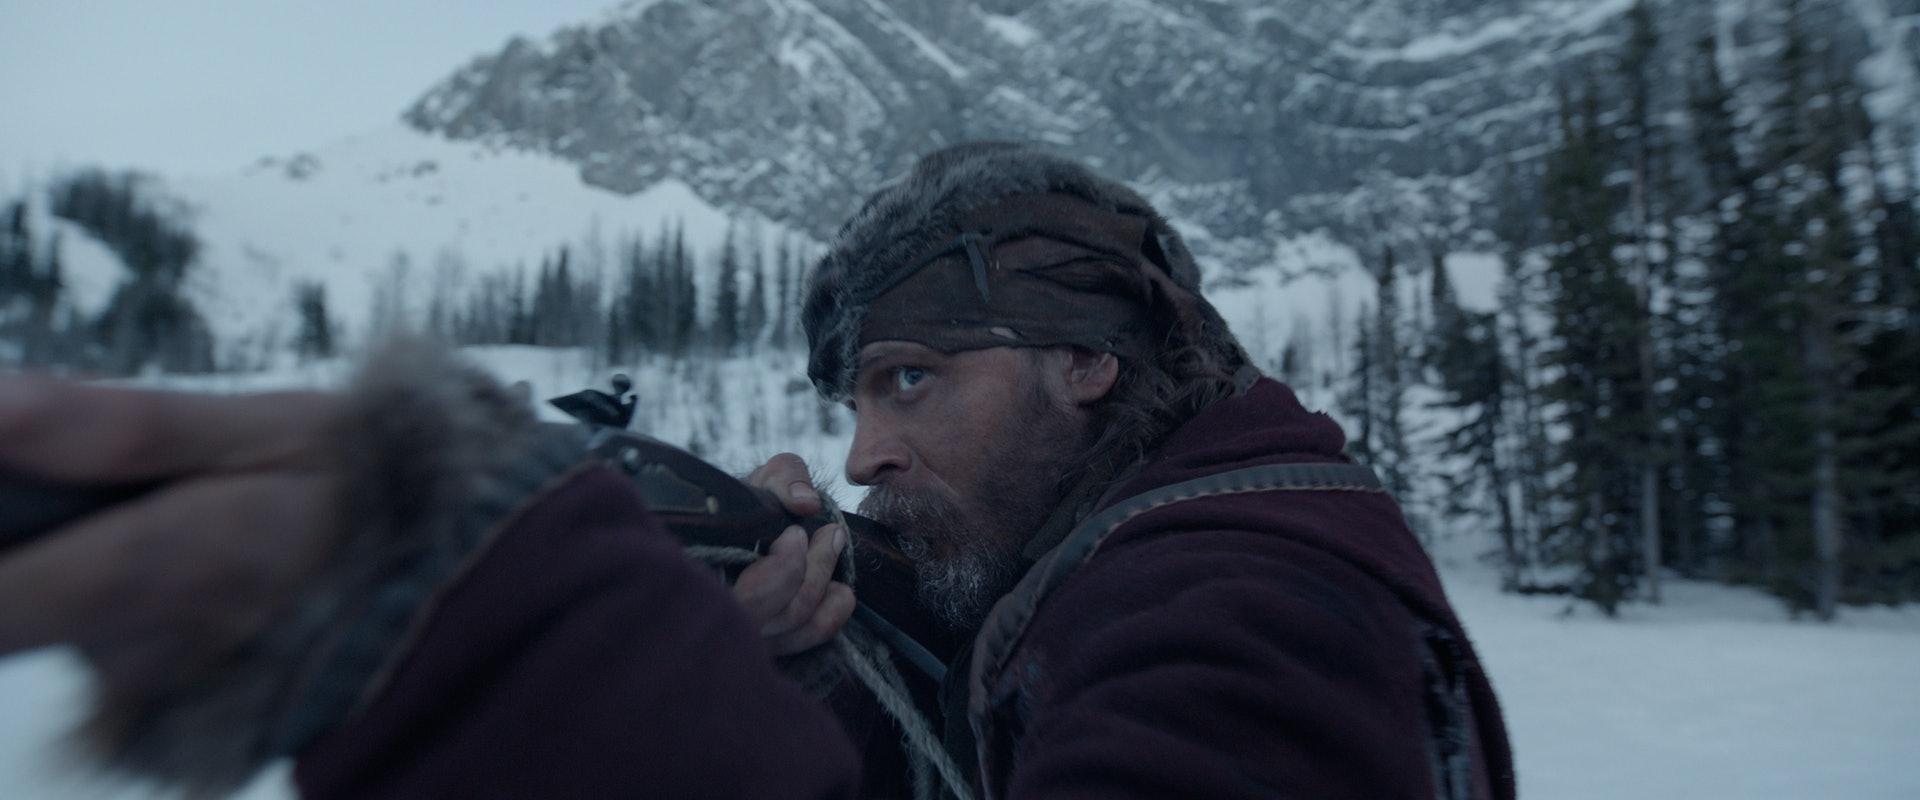 当时汤哈迪凭电影获提名最佳男配角。(《复仇勇者》剧照)